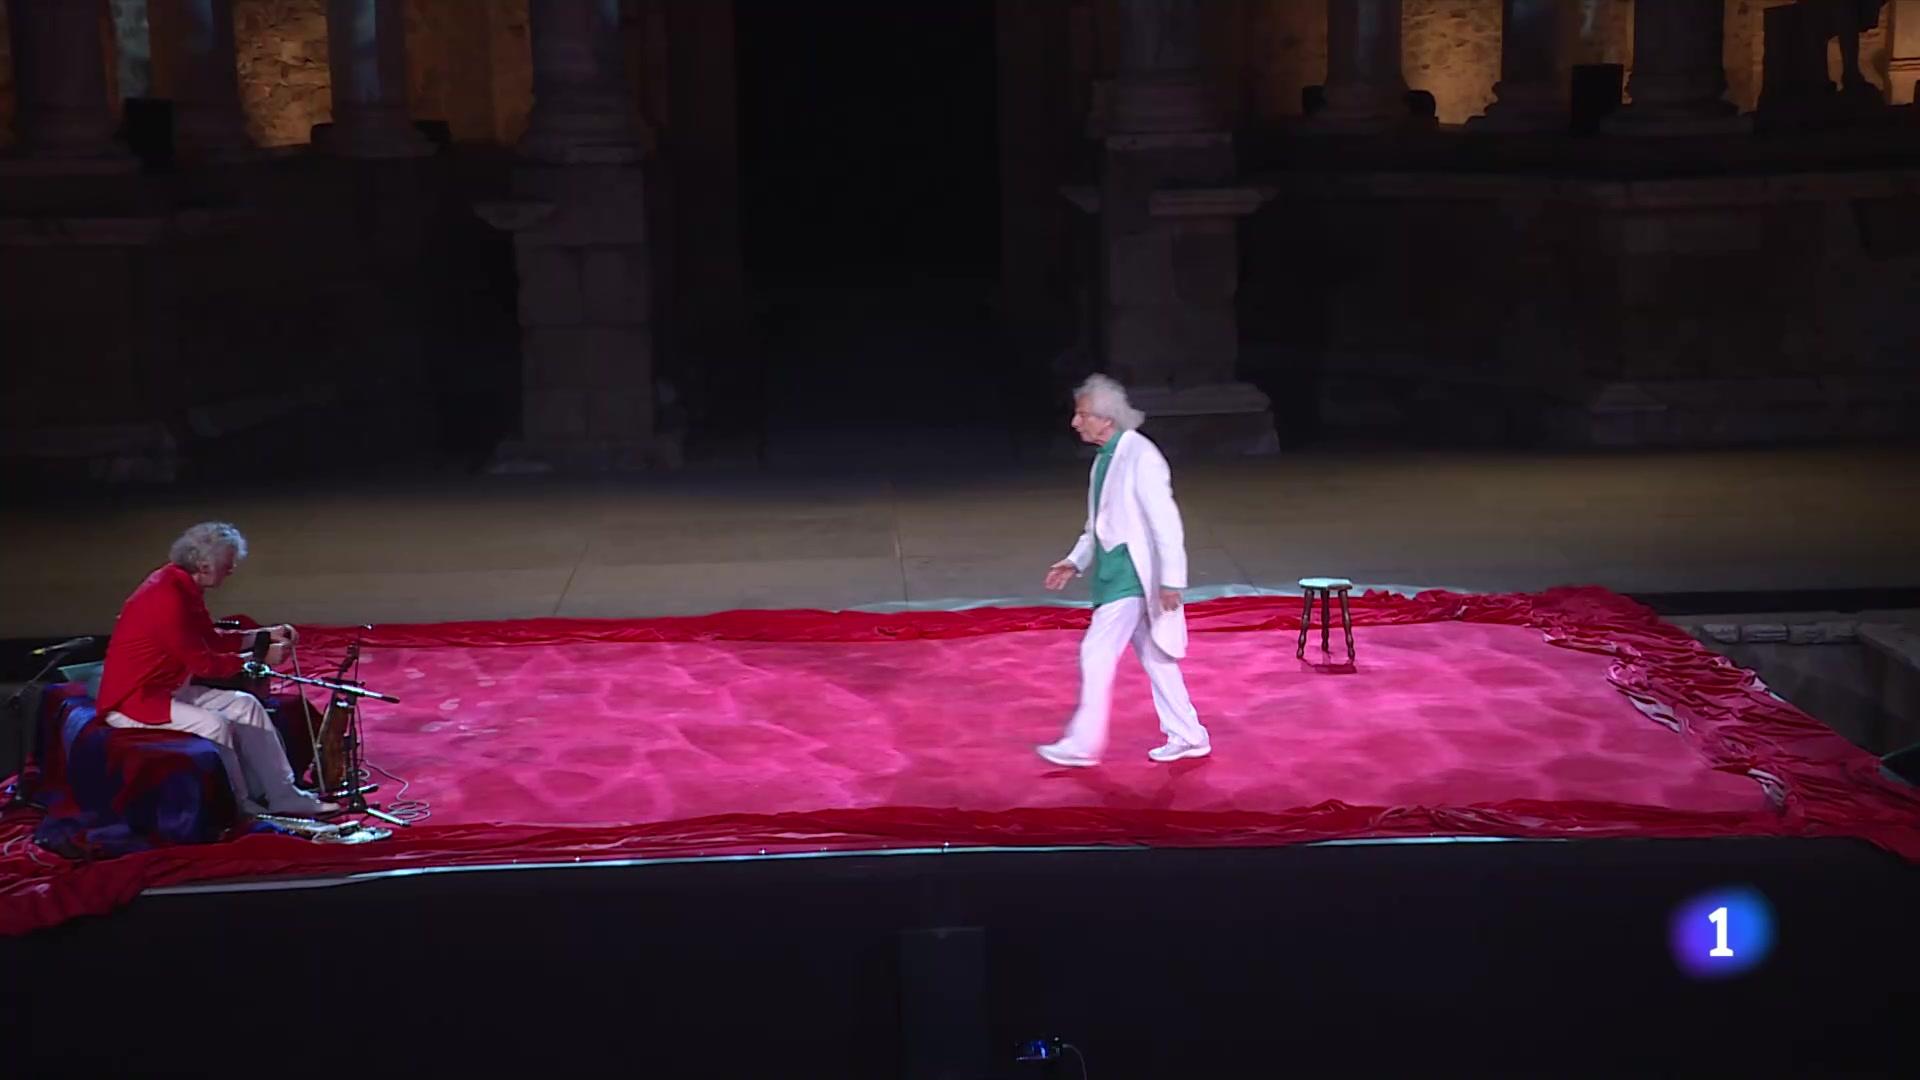 Ir al VideoRafael Álvarez, el Brujo, inaugura el Festival de Mérida con 'Los dioses y Dios'